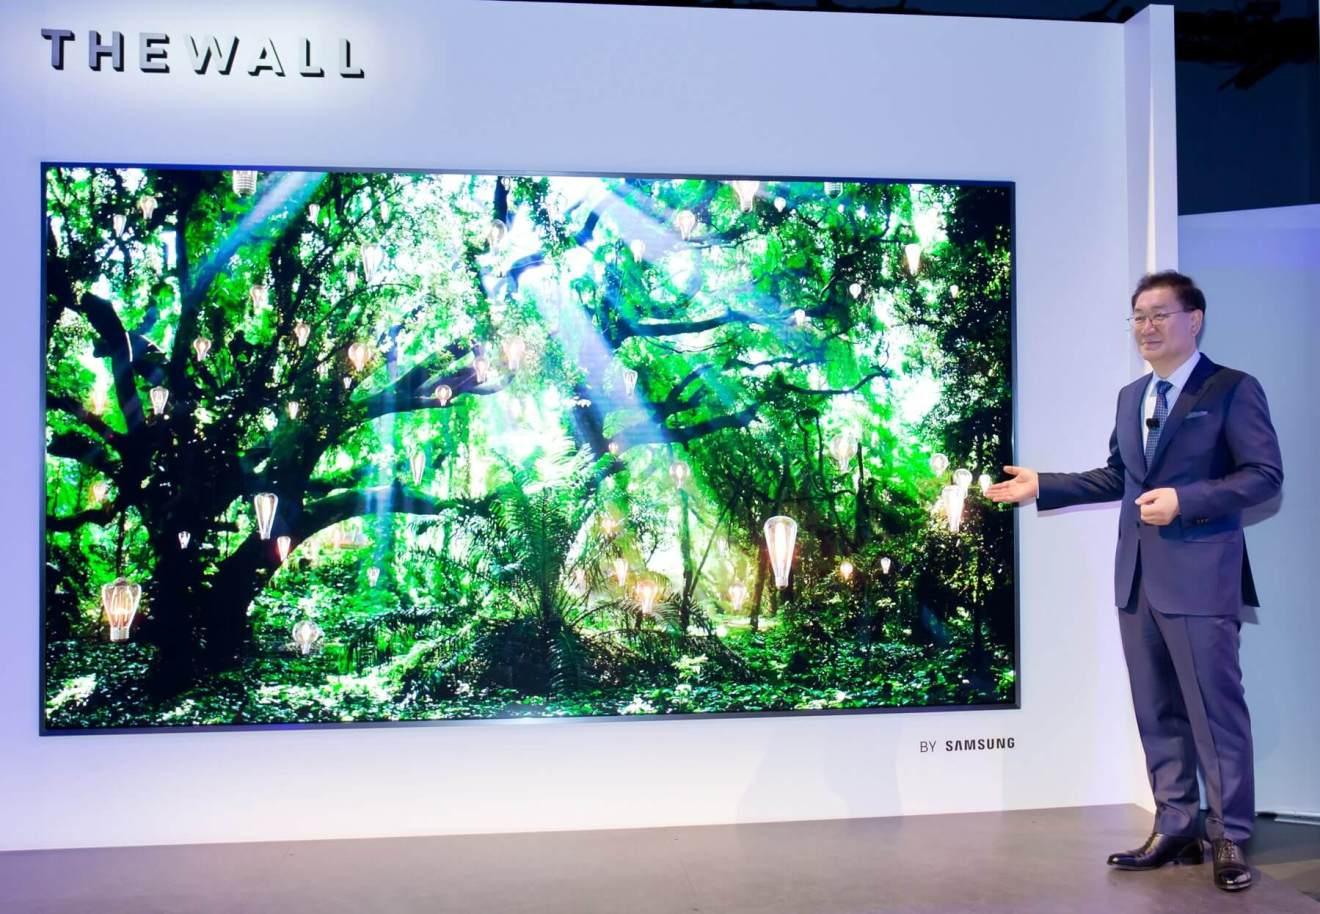 """0E527893 4BB6 46EA BE72 CA7DA1053BAA - CES 2018: """"The Wall"""", conheça a TV modular de 146 polegadas com MicroLED da Samsung"""